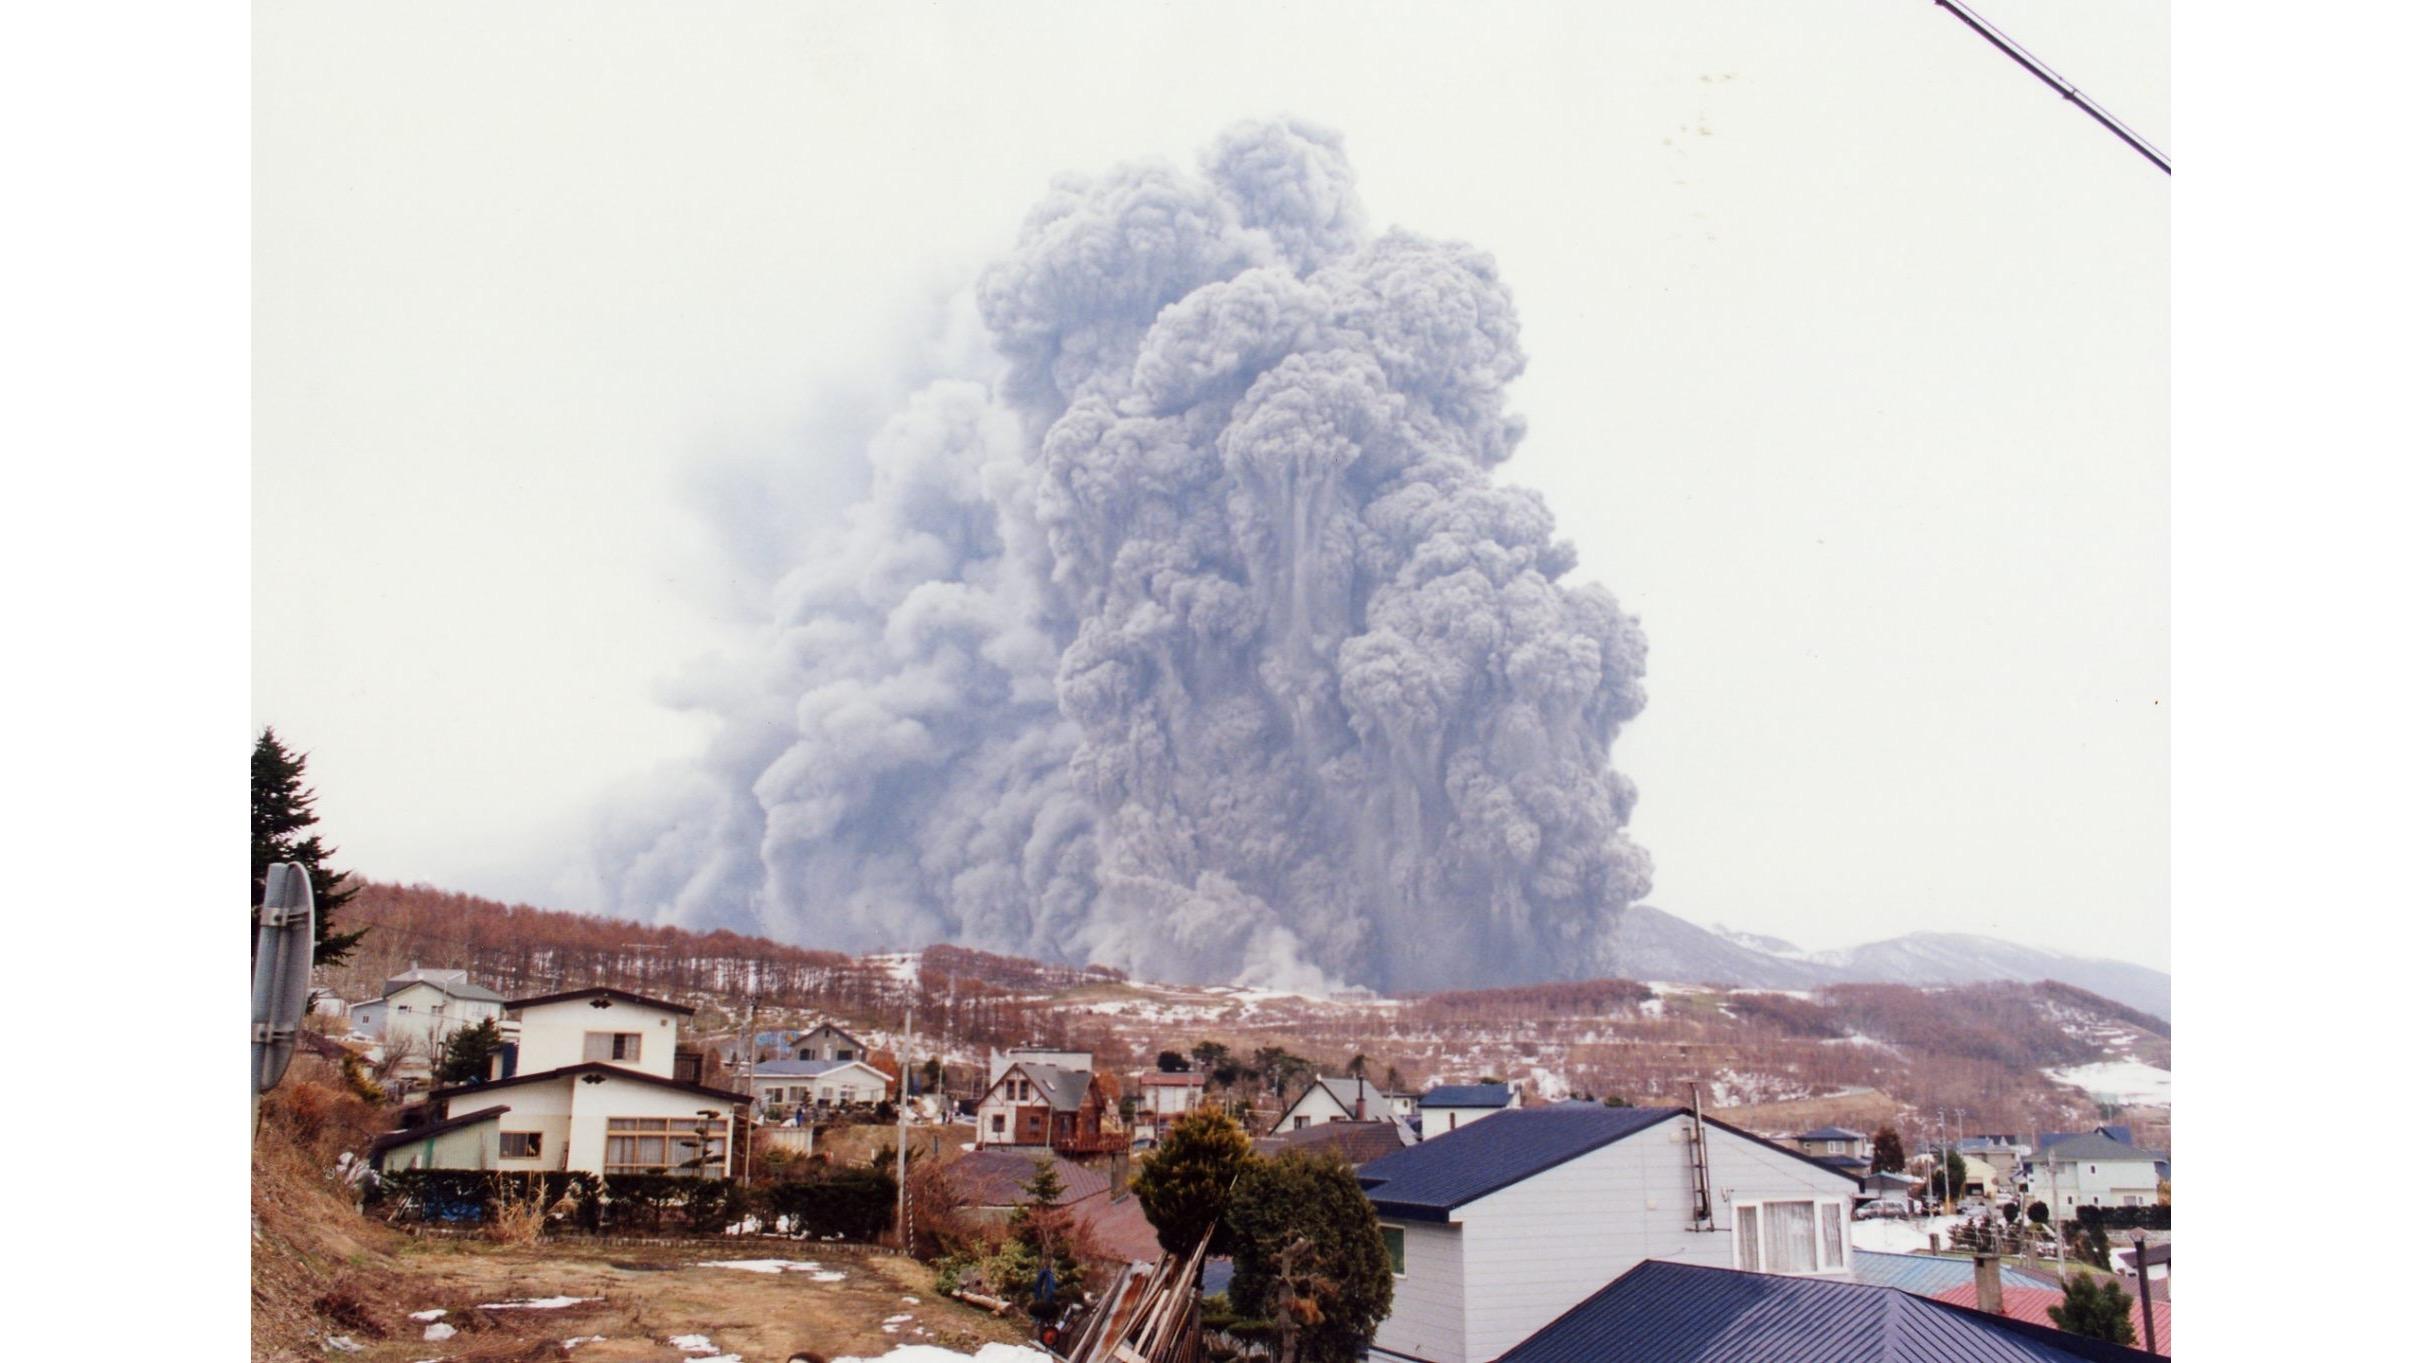 2000年有珠山噴發前曾發生地震,推測是火山噴發的前兆,也讓當地居民與觀光客能夠即時避難,才沒有發生重大的人員傷亡。photo: Toya-Usu UNESCO Global Geopark Council